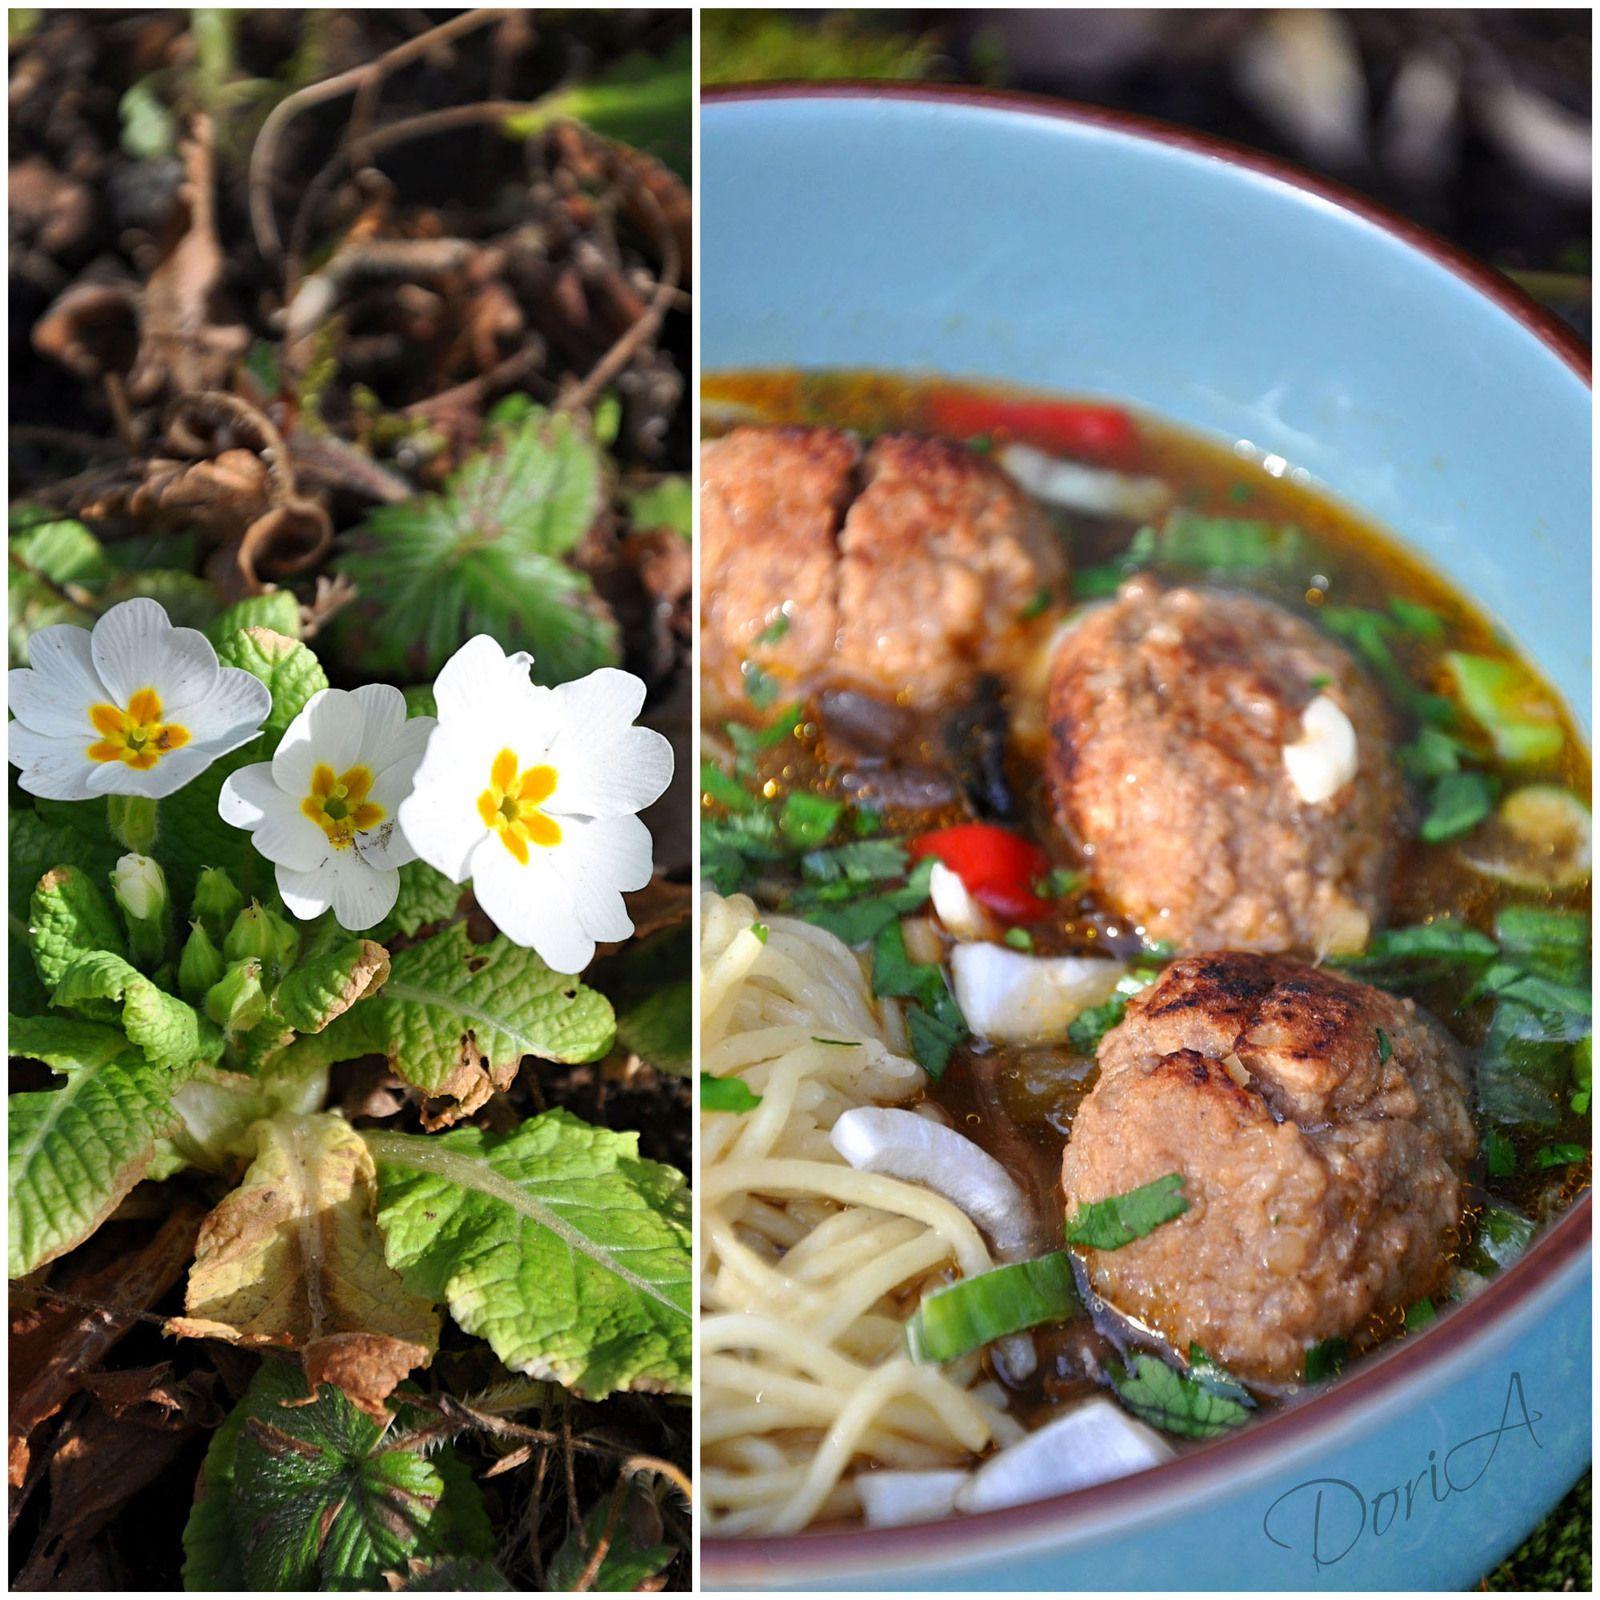 Soupe asiatique aux boulettes de boeuf et nouilles aux oeufs